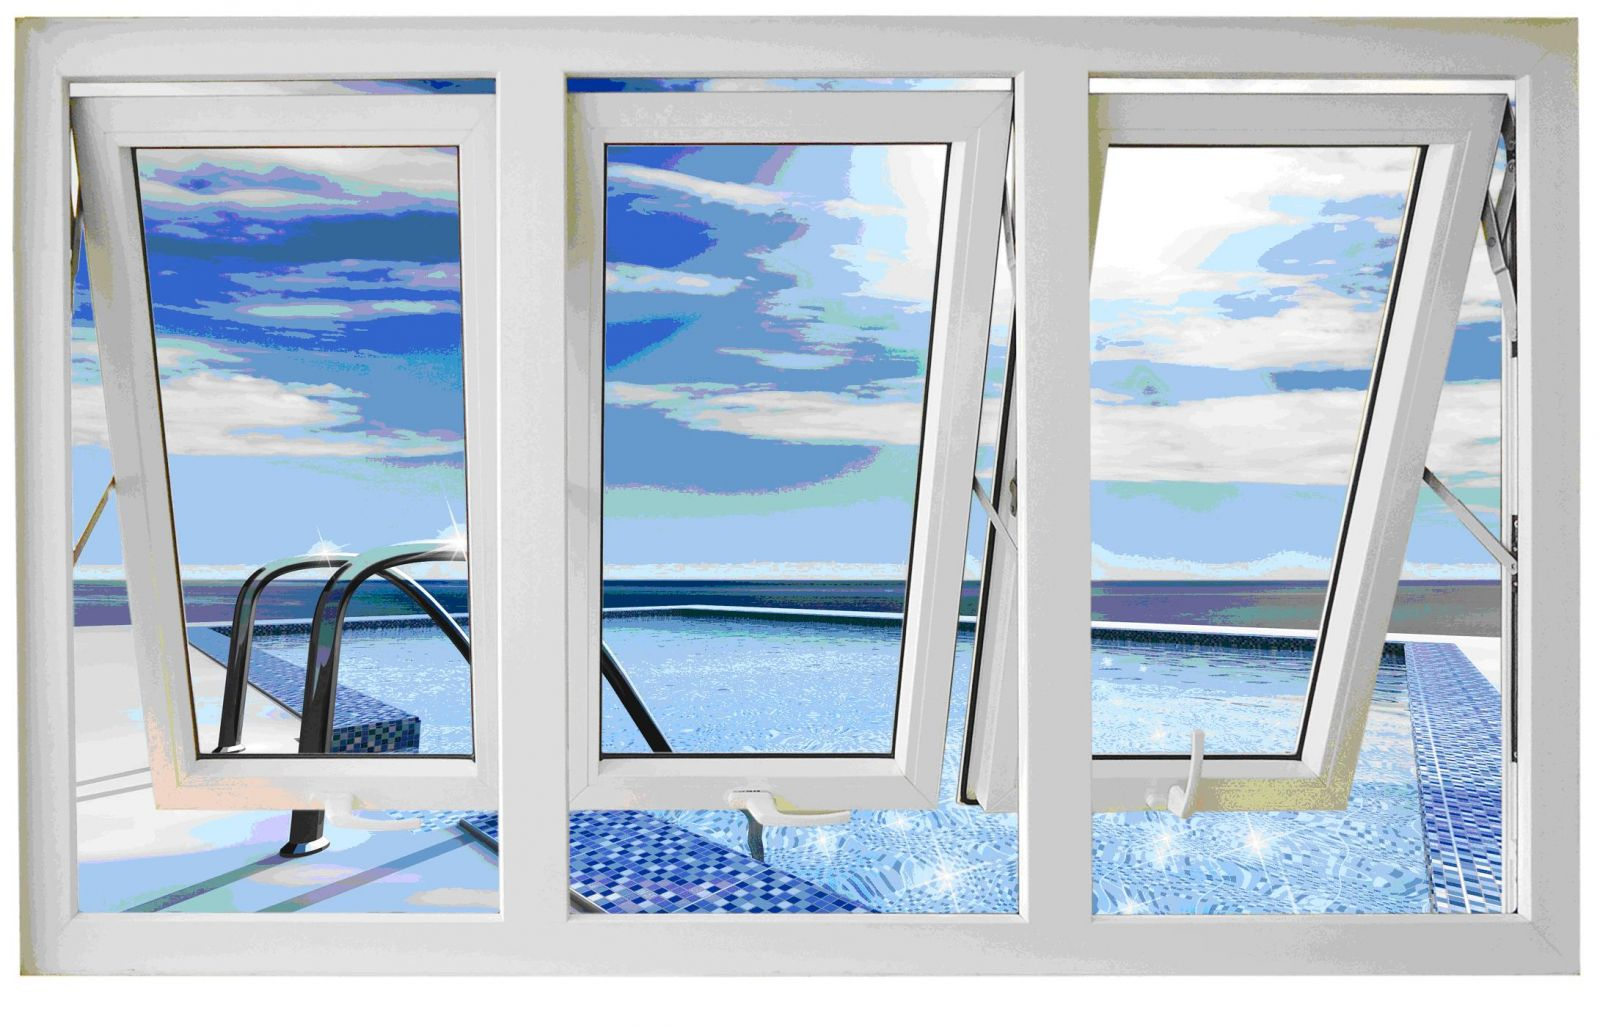 Cửa sổ mở hất ra ngoài lắp ở những vị trí nào phù hợp? Hỏi giá chi tiết